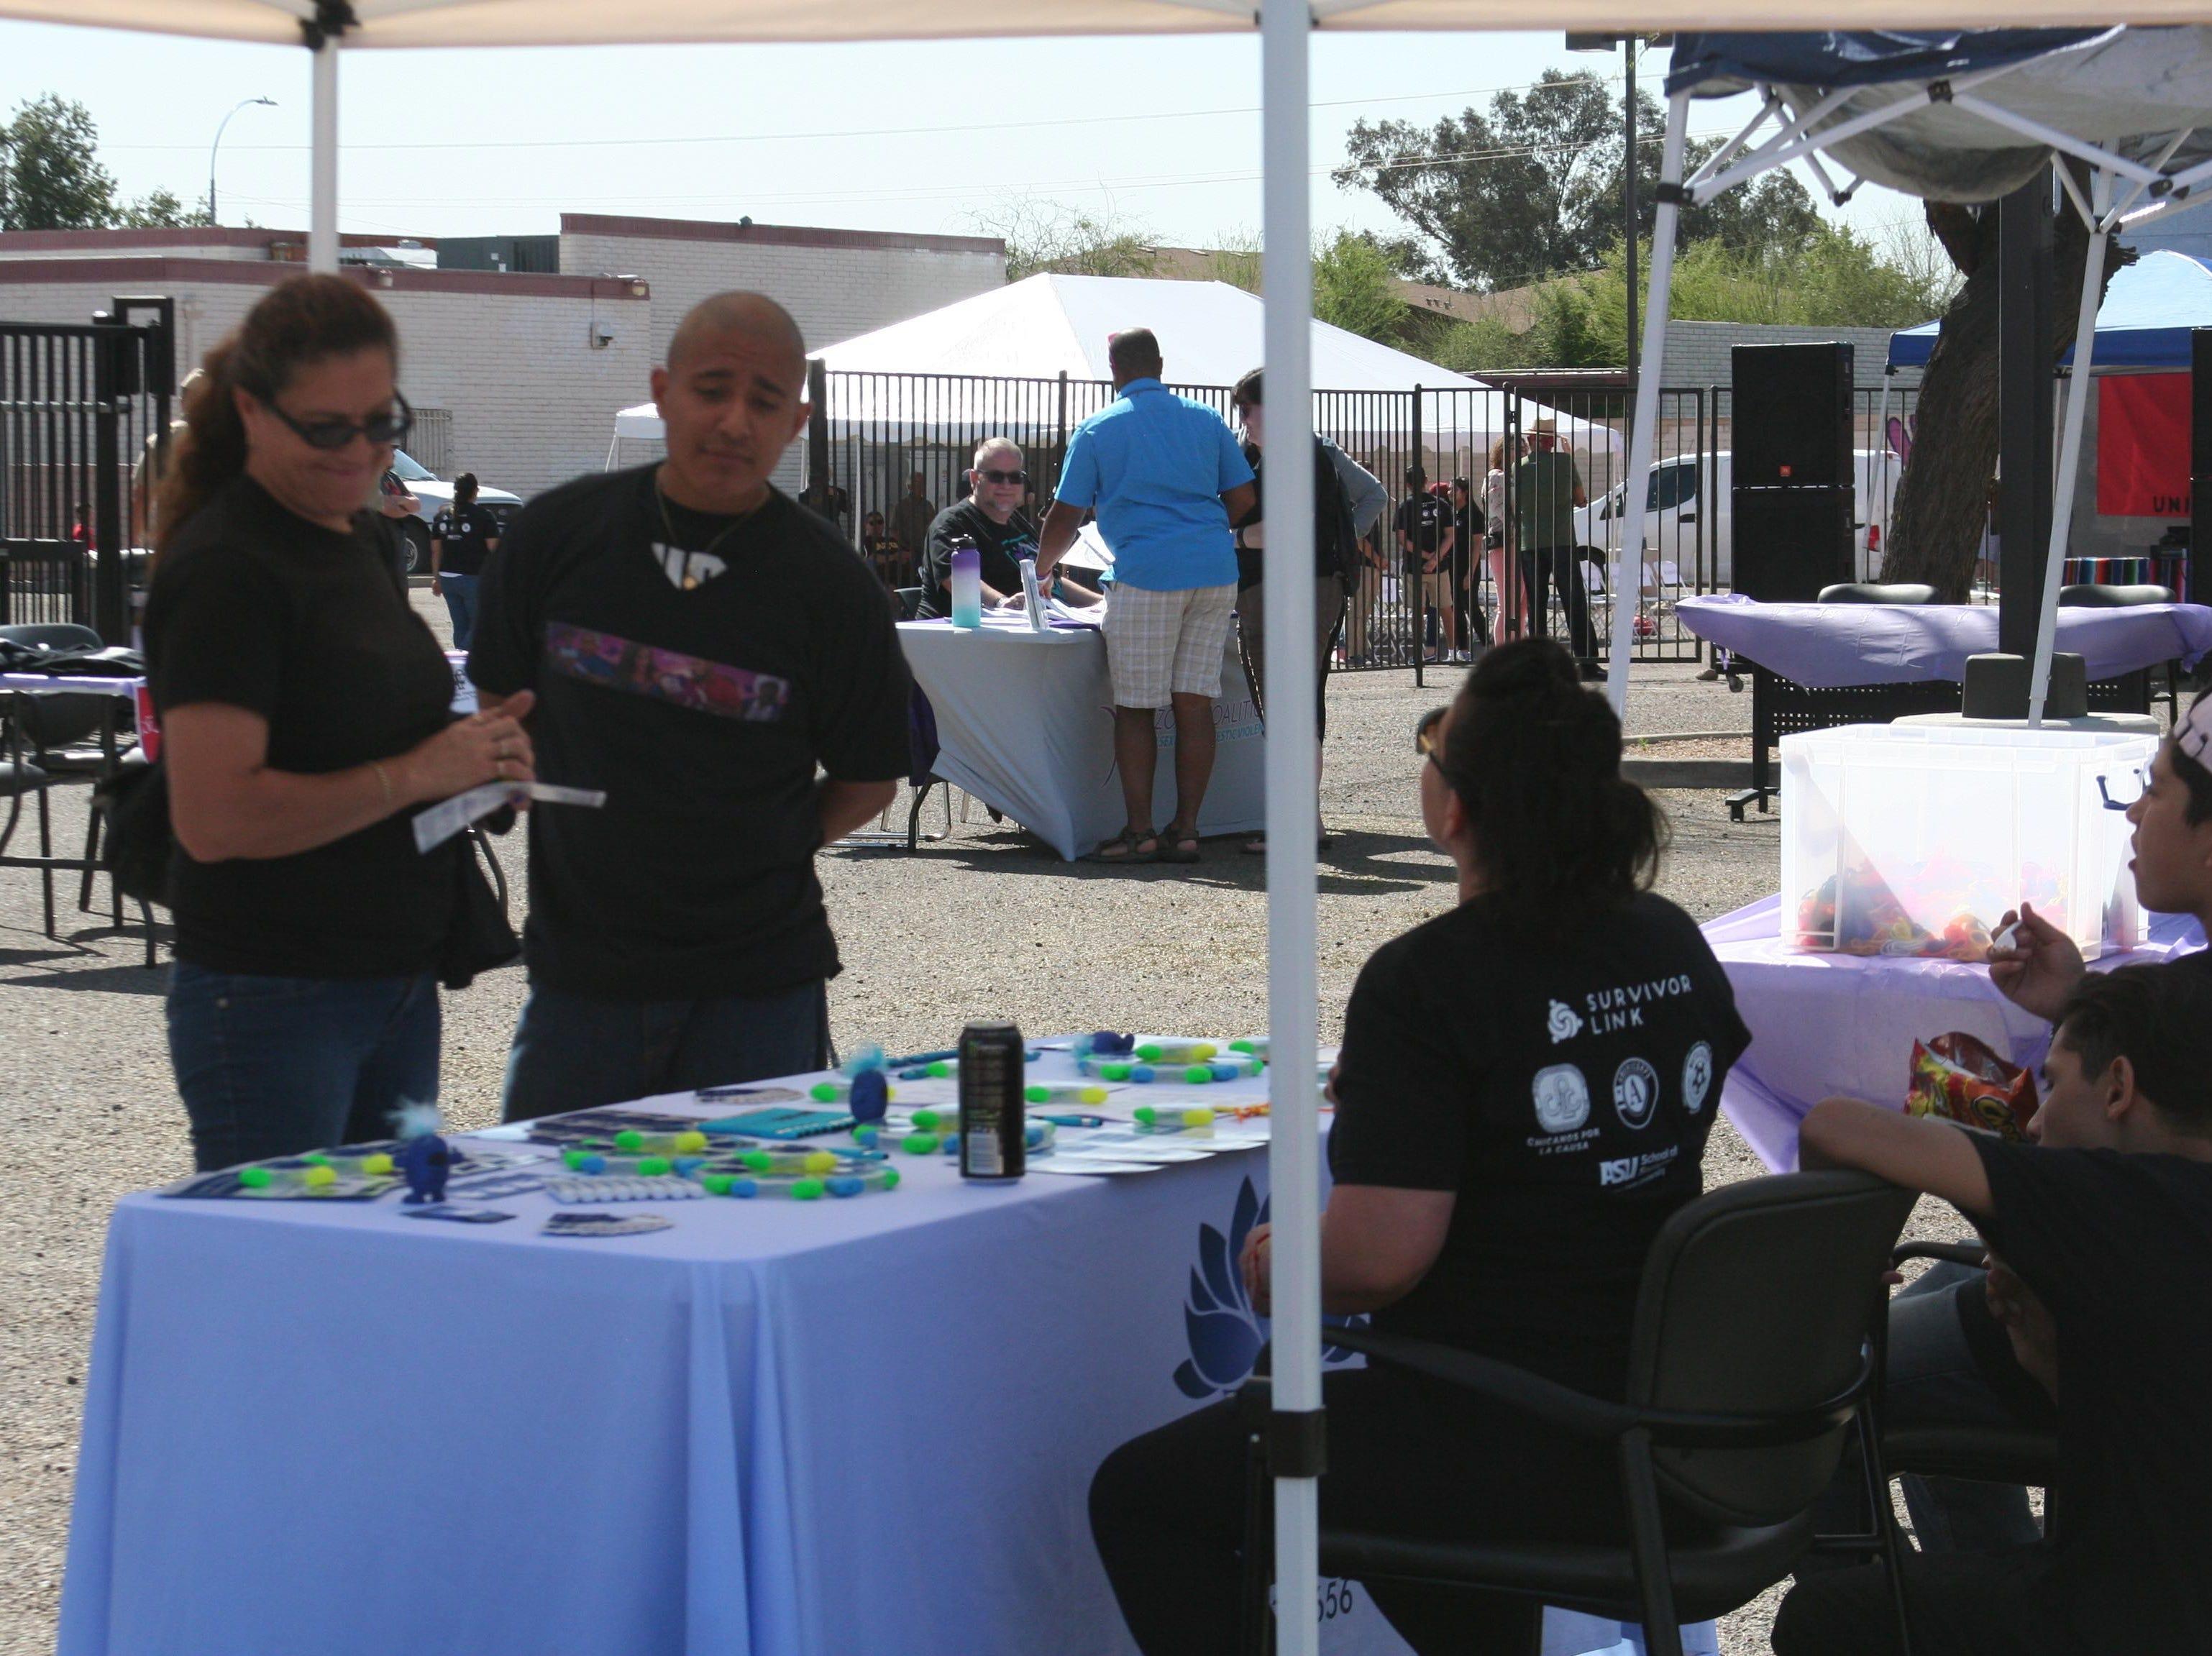 Convocadas por Chicanos Por La Causa, Diversas organizaciones se dieron cita en el evento para ofrecer variada información comunitaria.